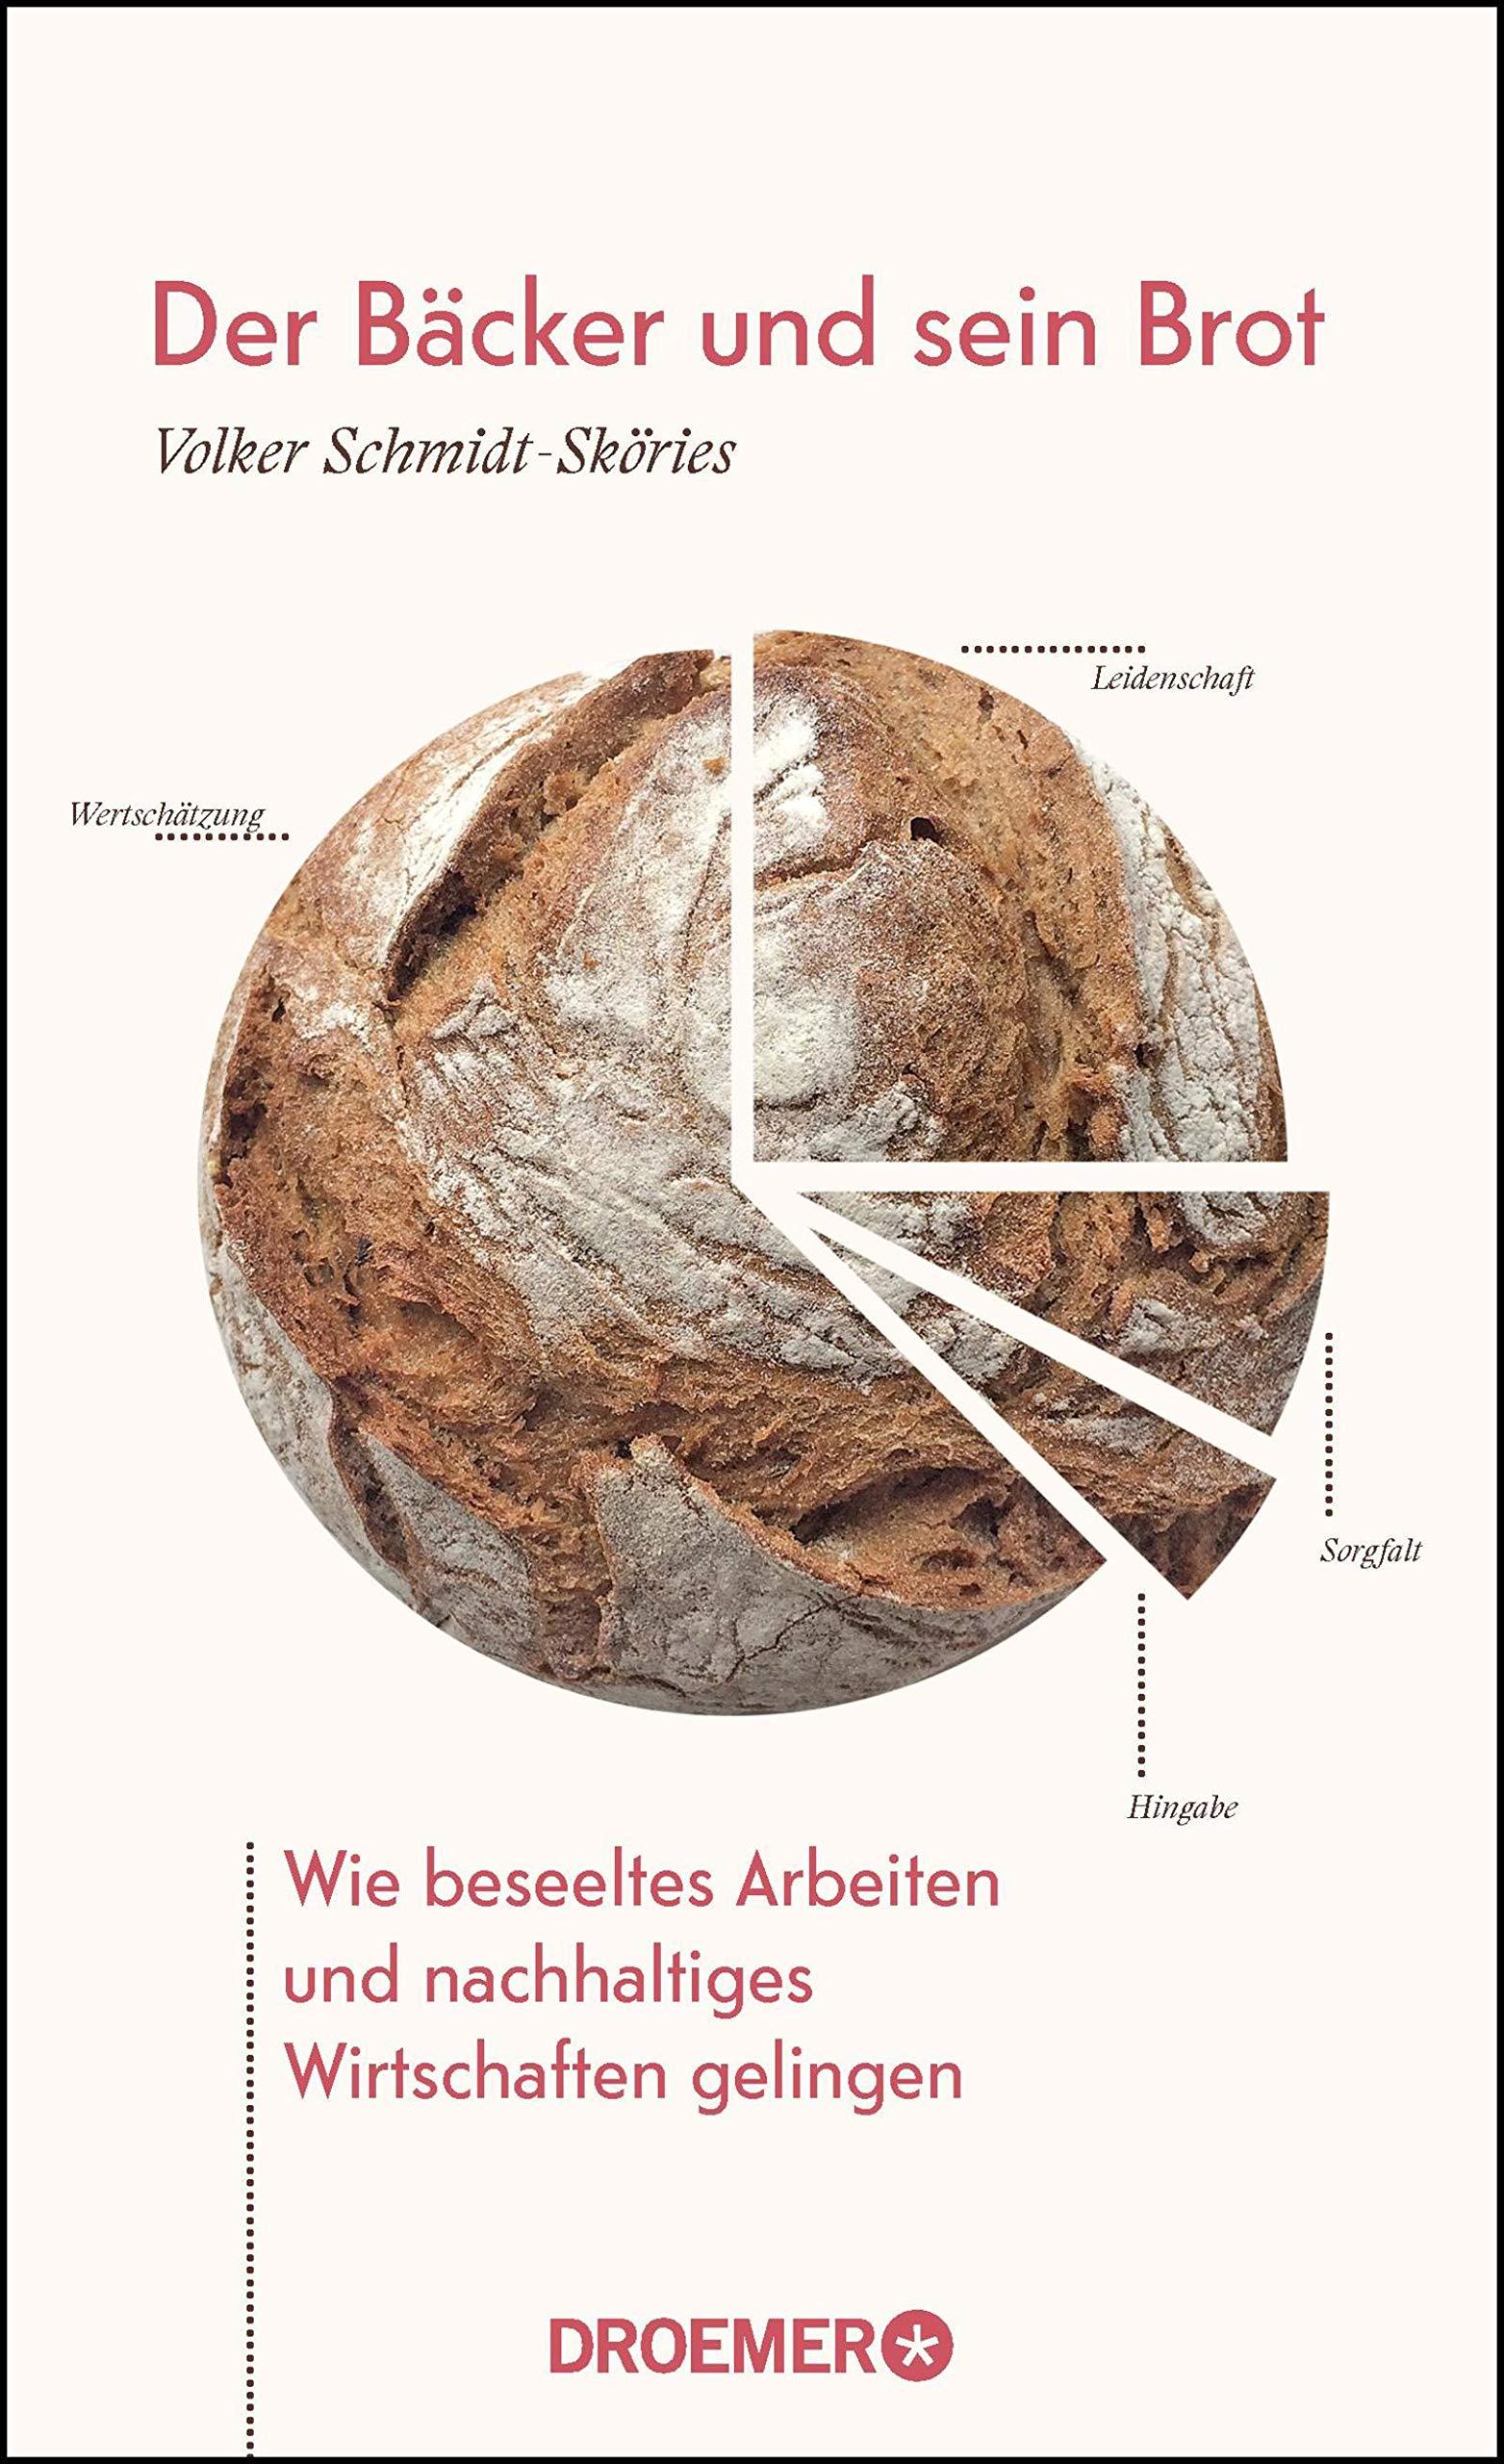 Der Bäcker Und Sein Brot  Wie Beseeltes Arbeiten Und Nachhaltiges Wirtschaften Gelingen